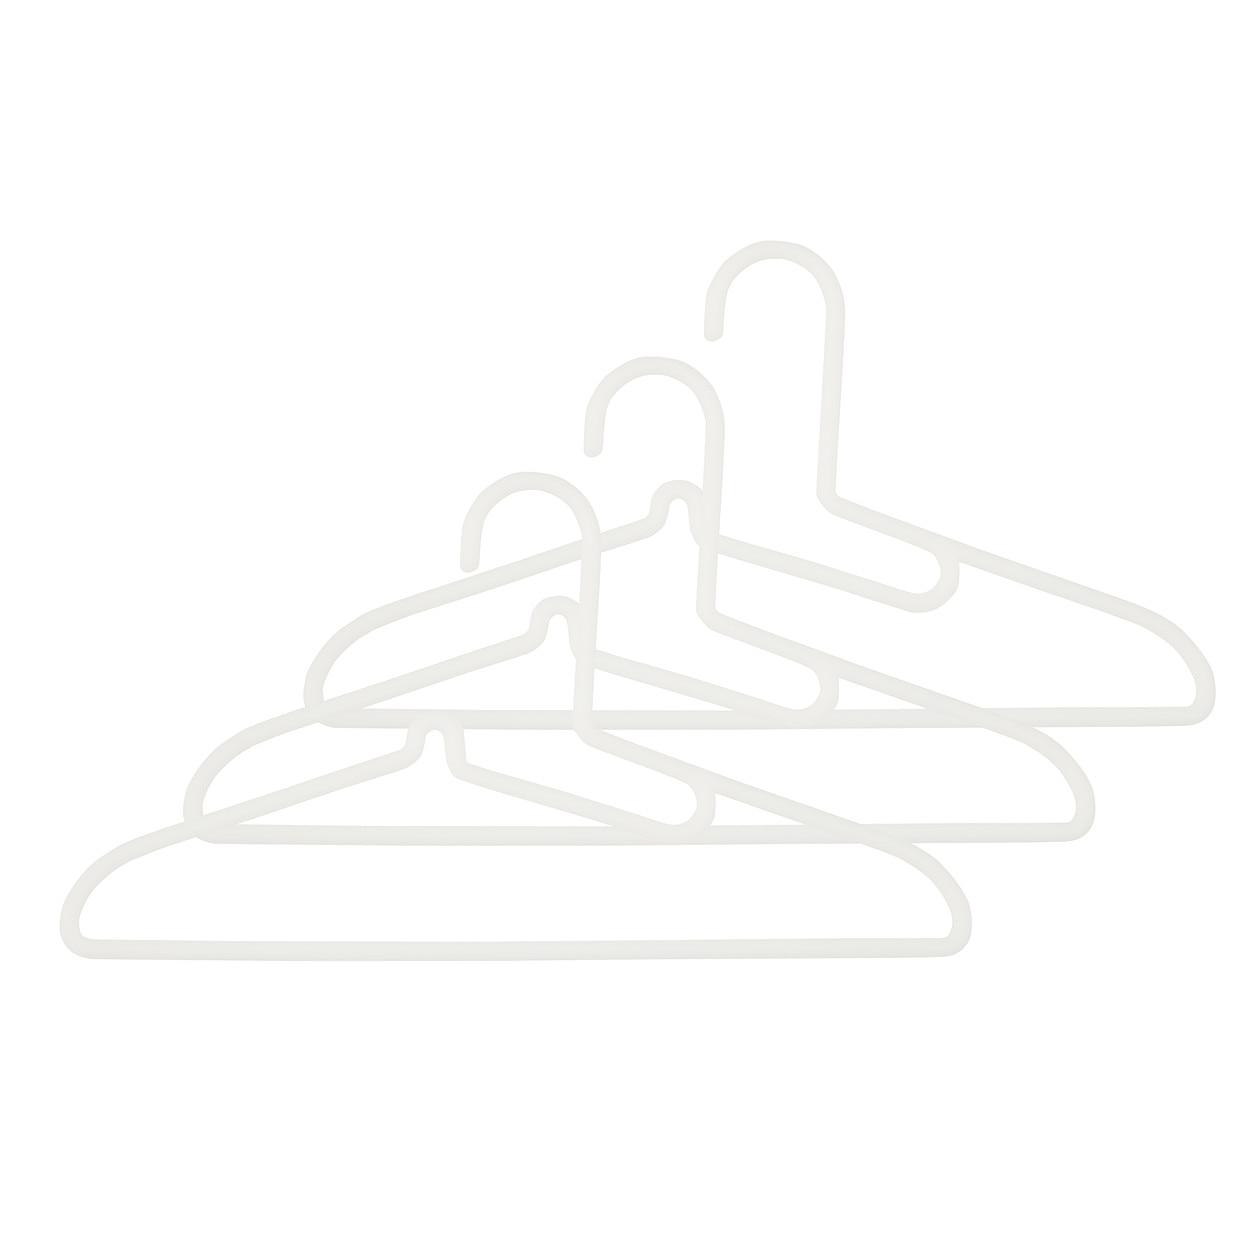 【まとめ買い】ポリプロピレン洗濯用ハンガー・シャツ用・3本組 約幅41cm